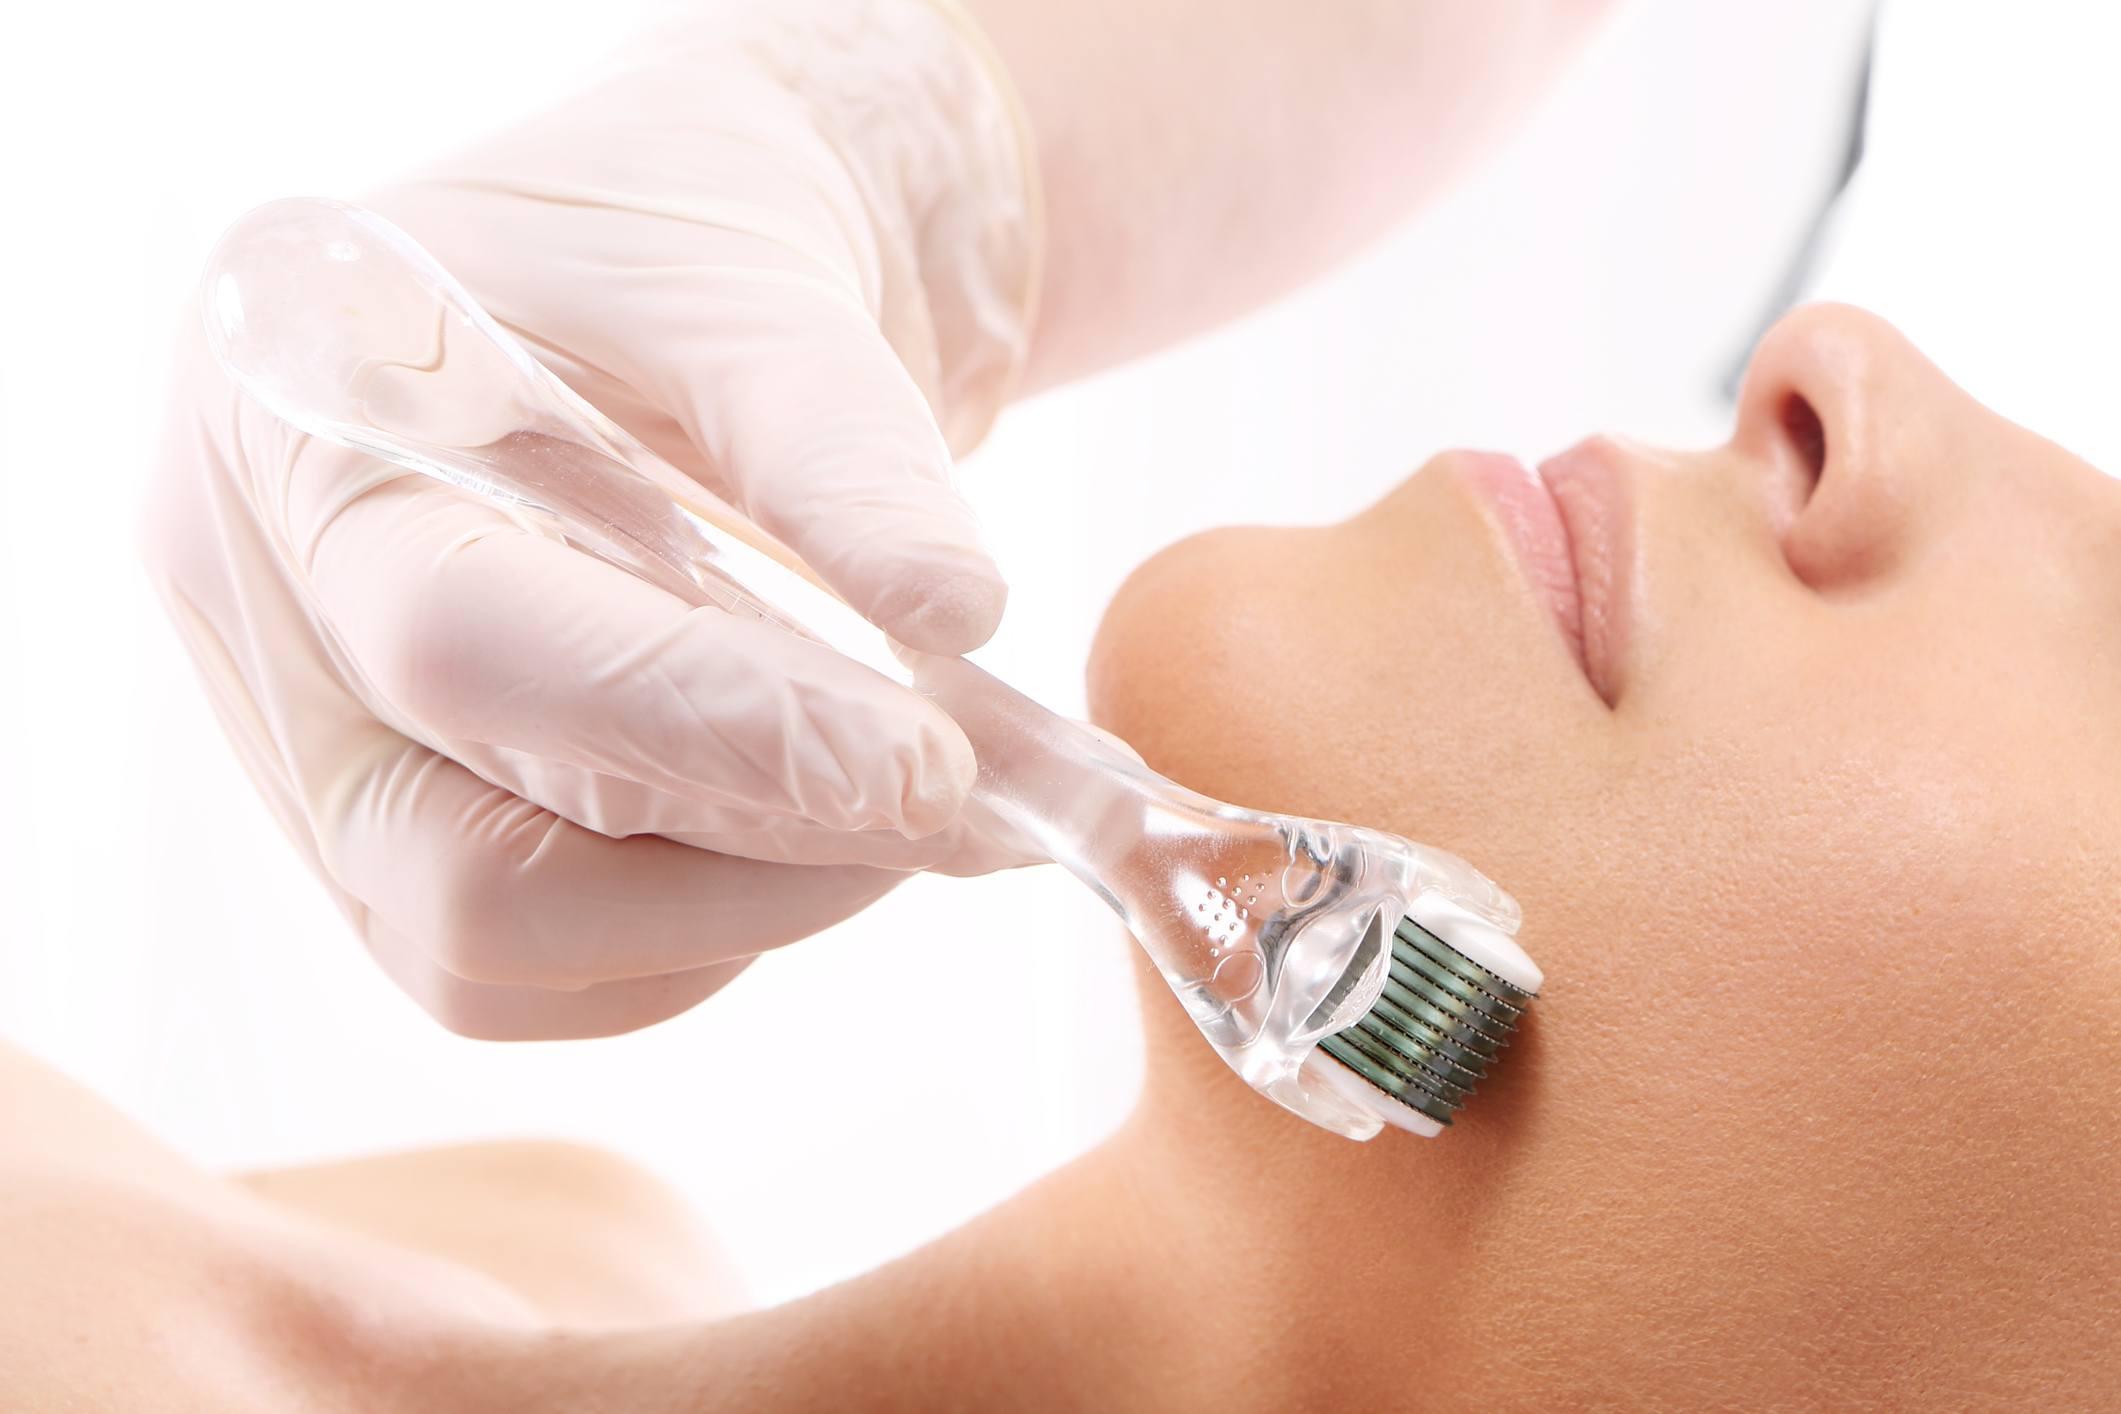 Micro-needling or Derma-rolling